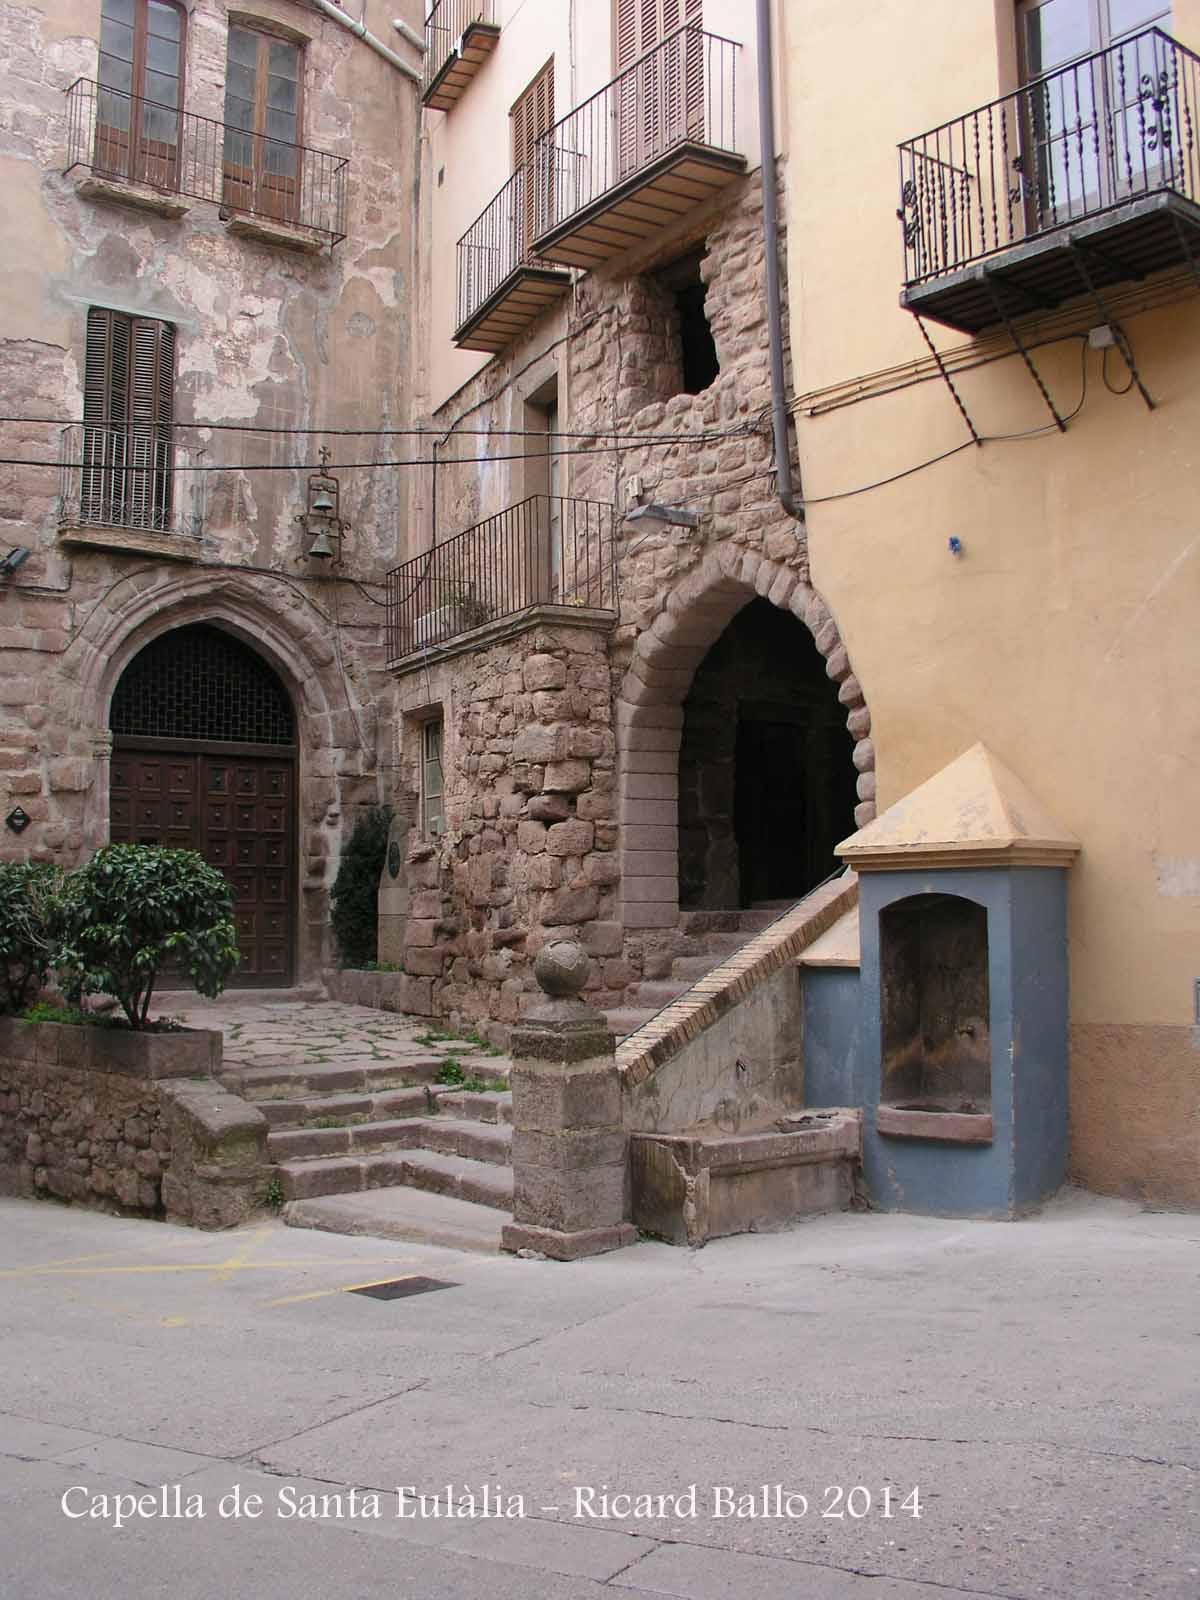 Capella de Santa Eulàlia - Cardona - A la dreta de la fotografia veiem l'arc d'entrada al Passadís de l'antic hospital de Cardona.